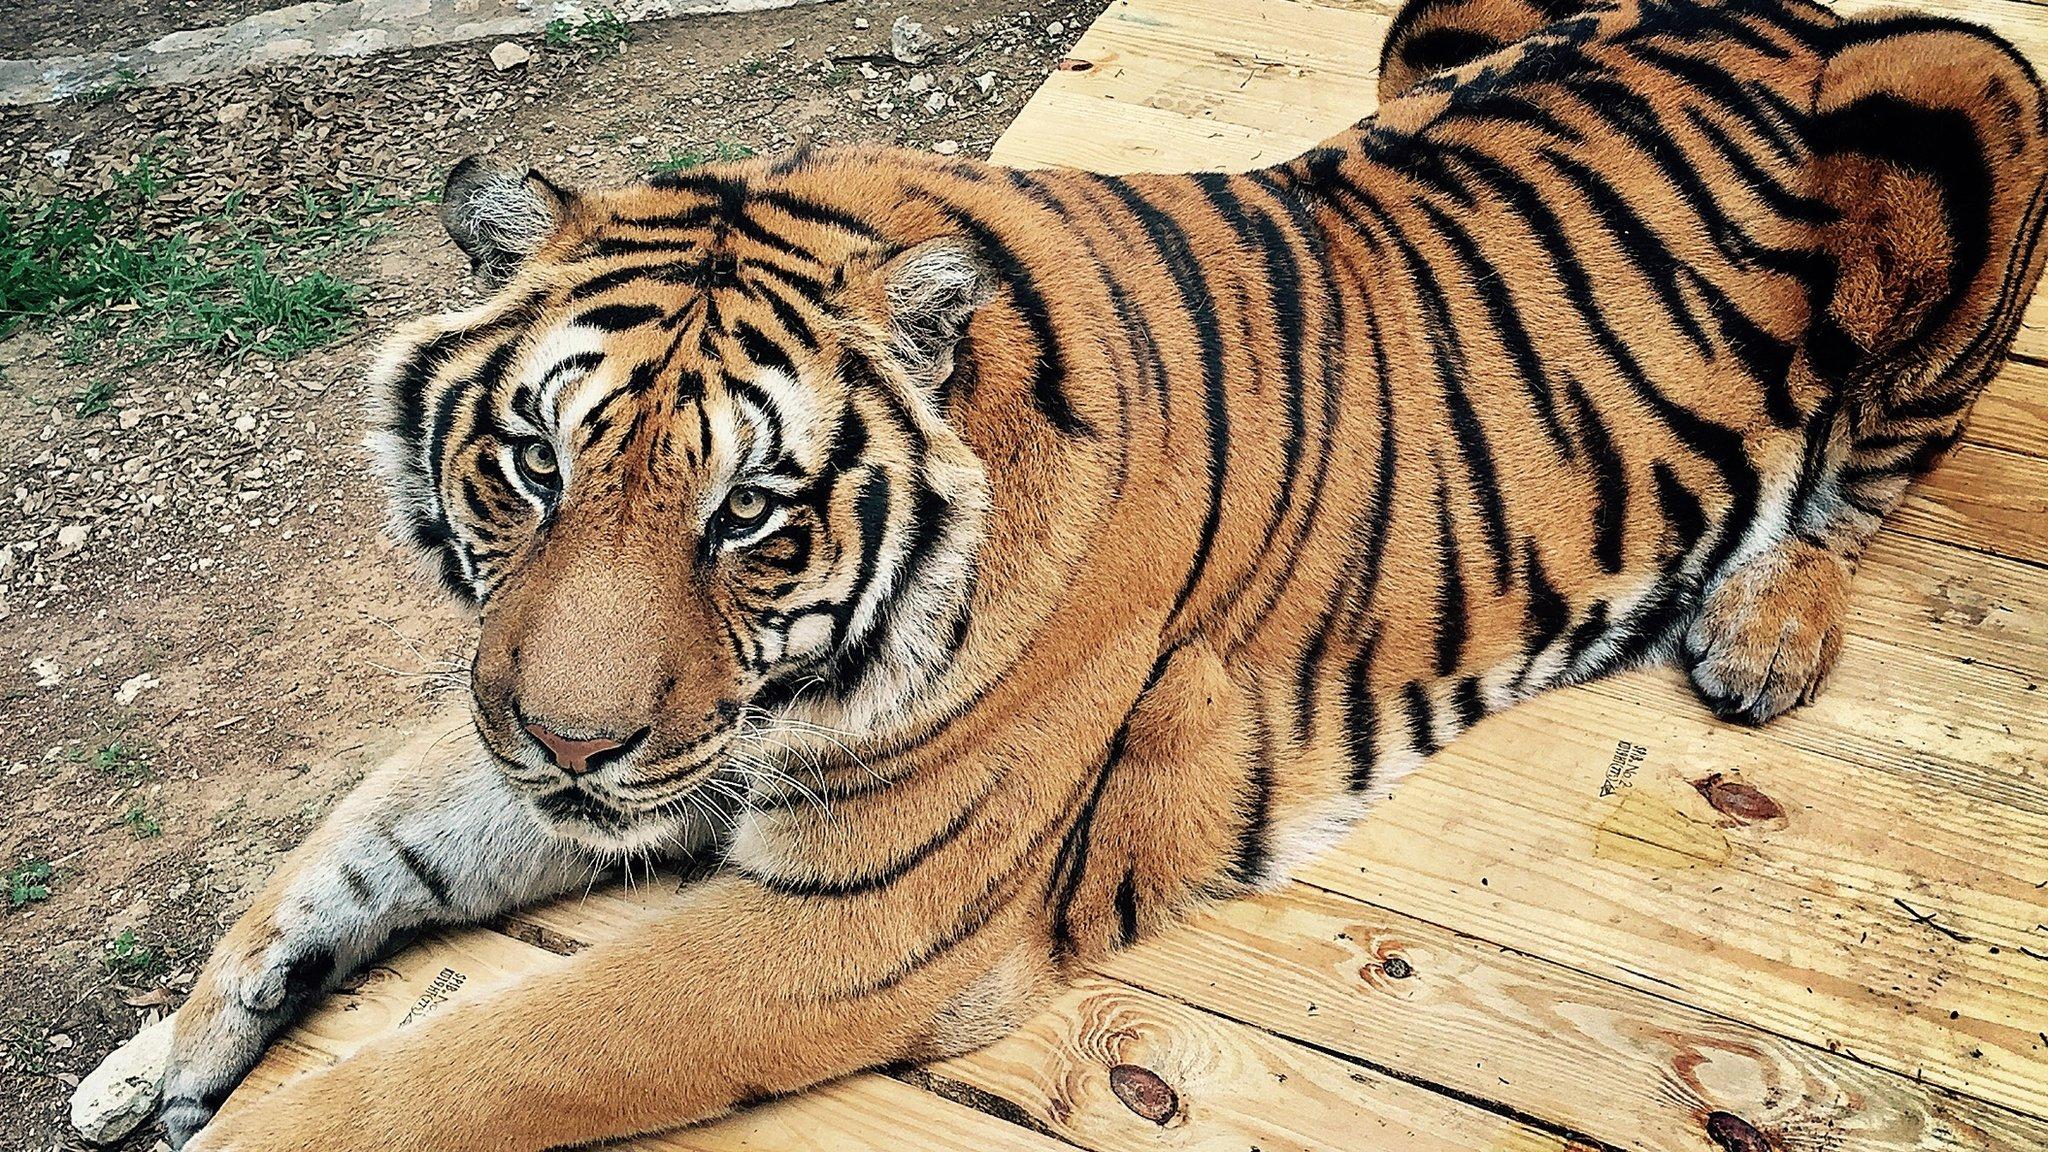 Taj the tiger at Austin Zoo